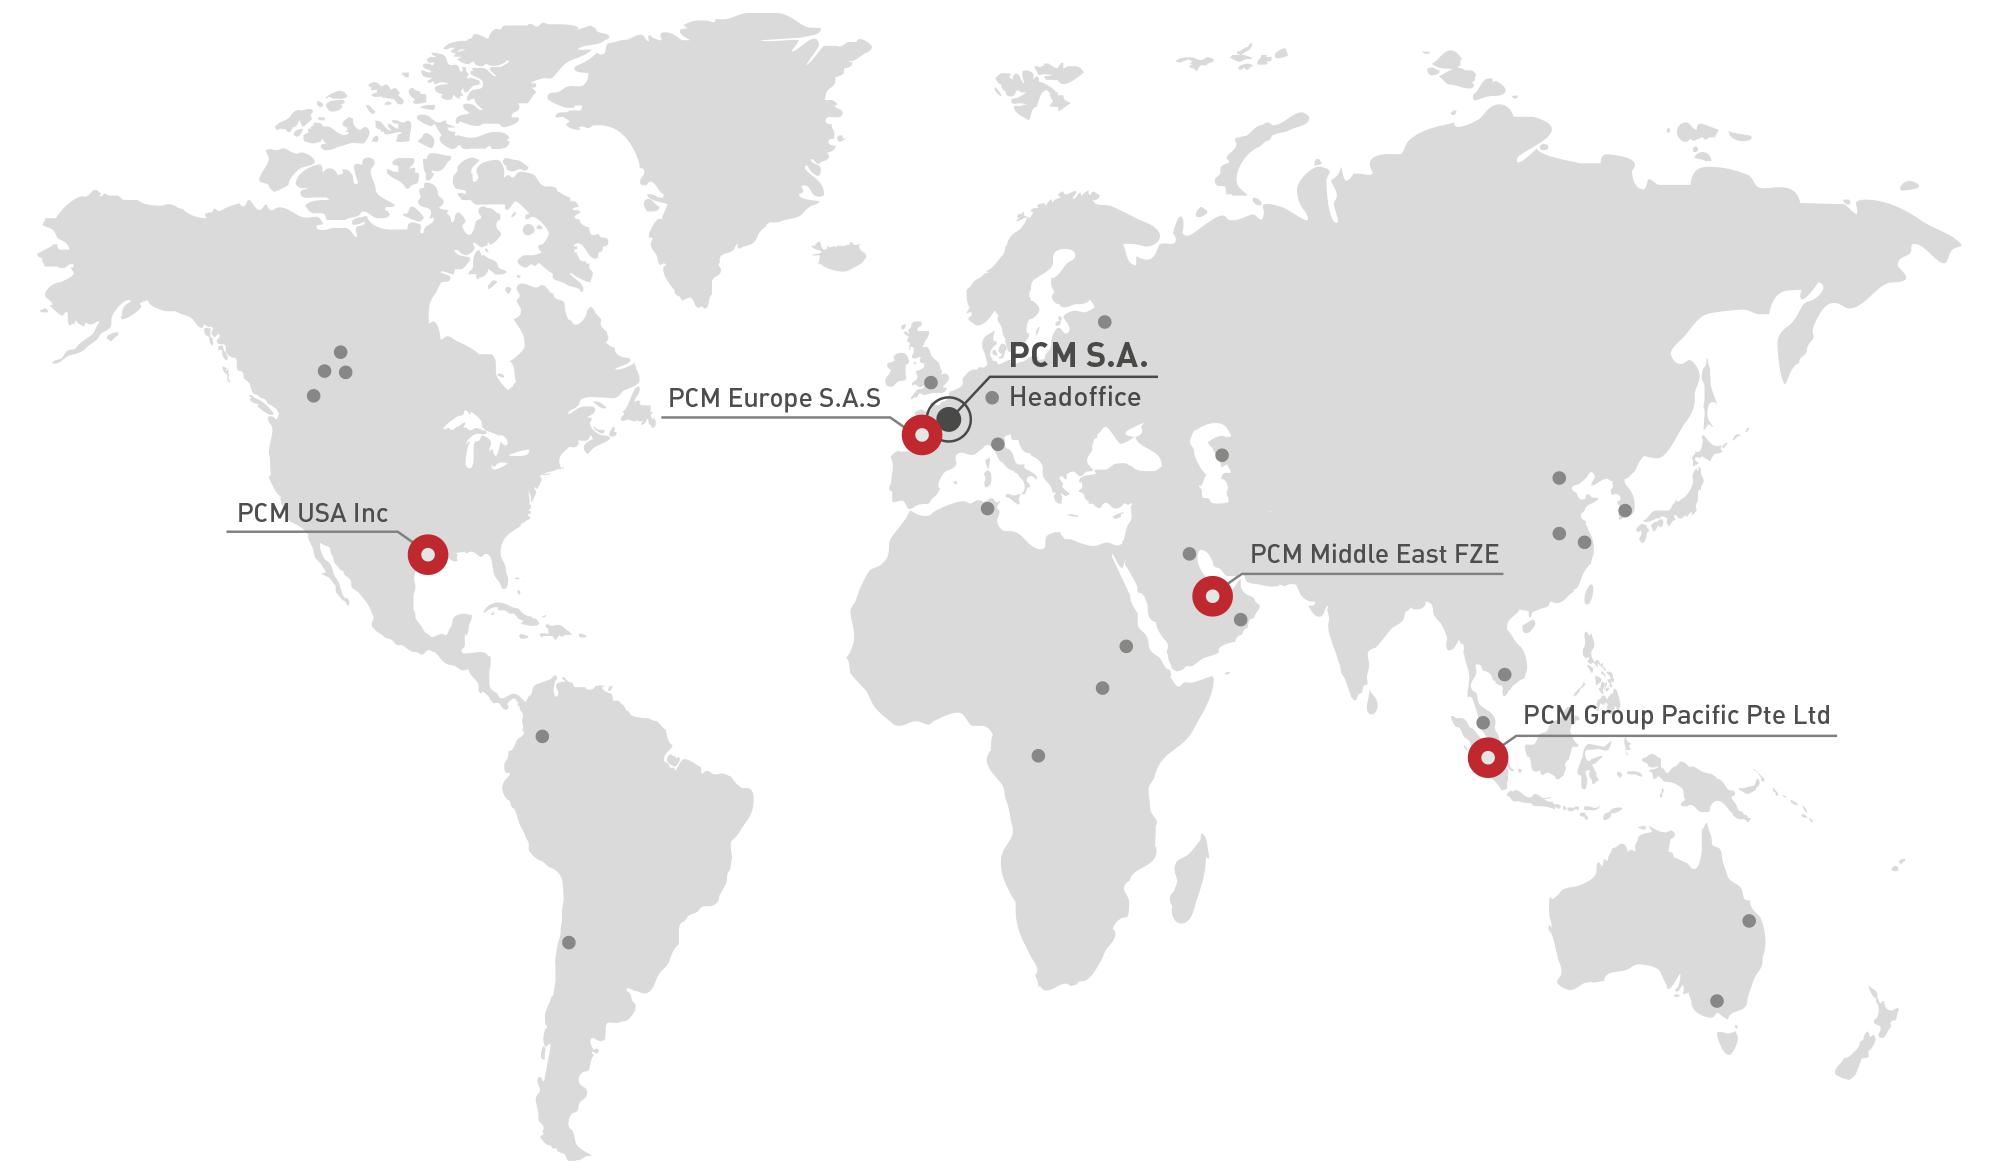 ПСМ карта мира